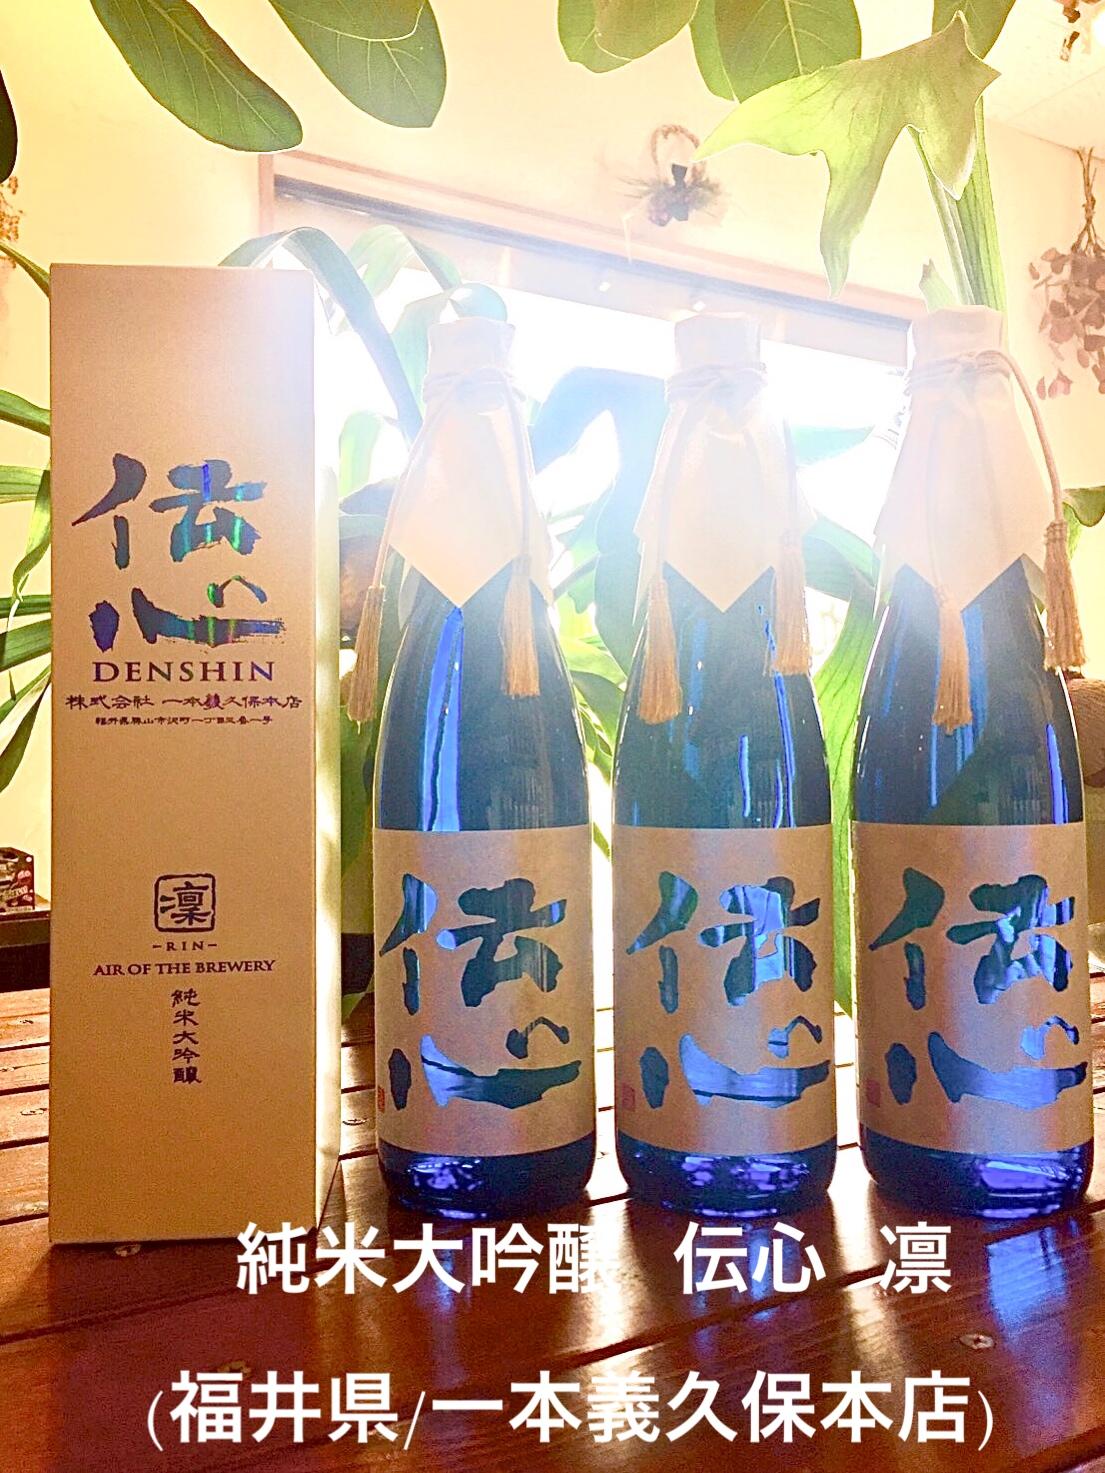 純米大吟醸「伝心 凛」 (福井県/一本義久保本店)